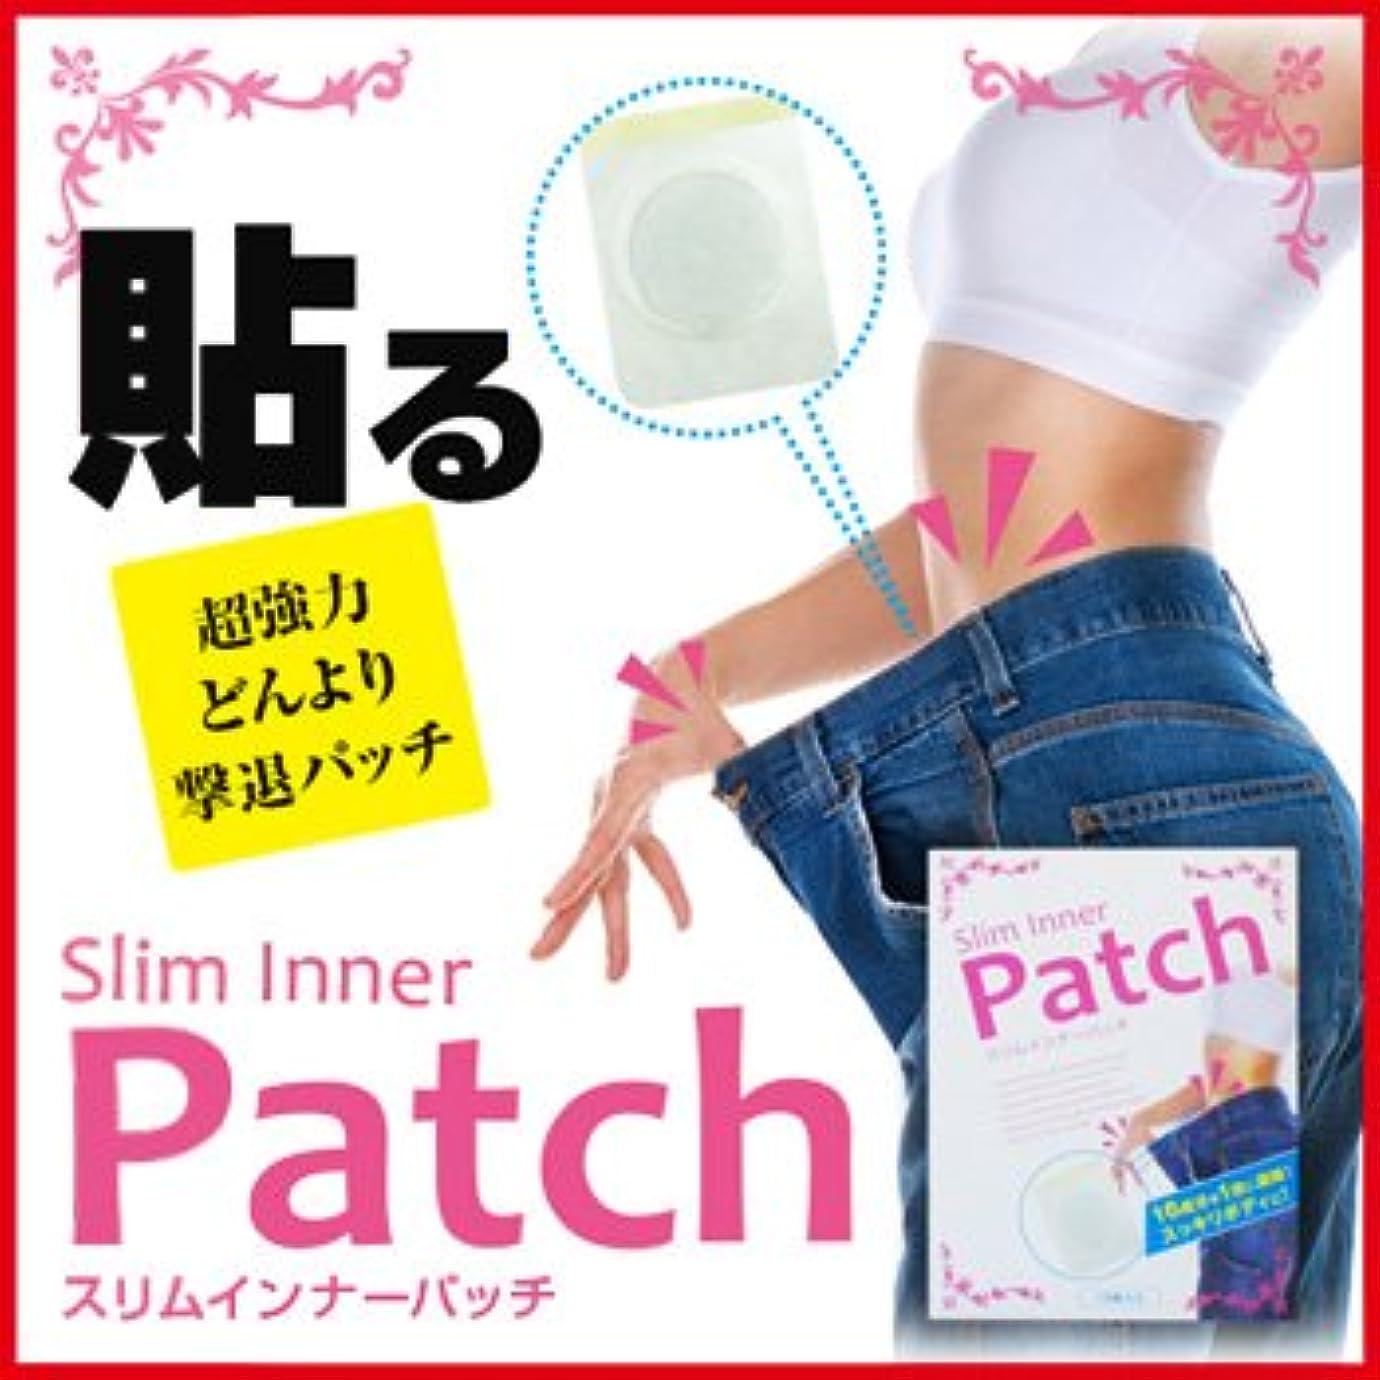 環境に優しいも模索Slim inner Patch(スリムインナーパッチ)